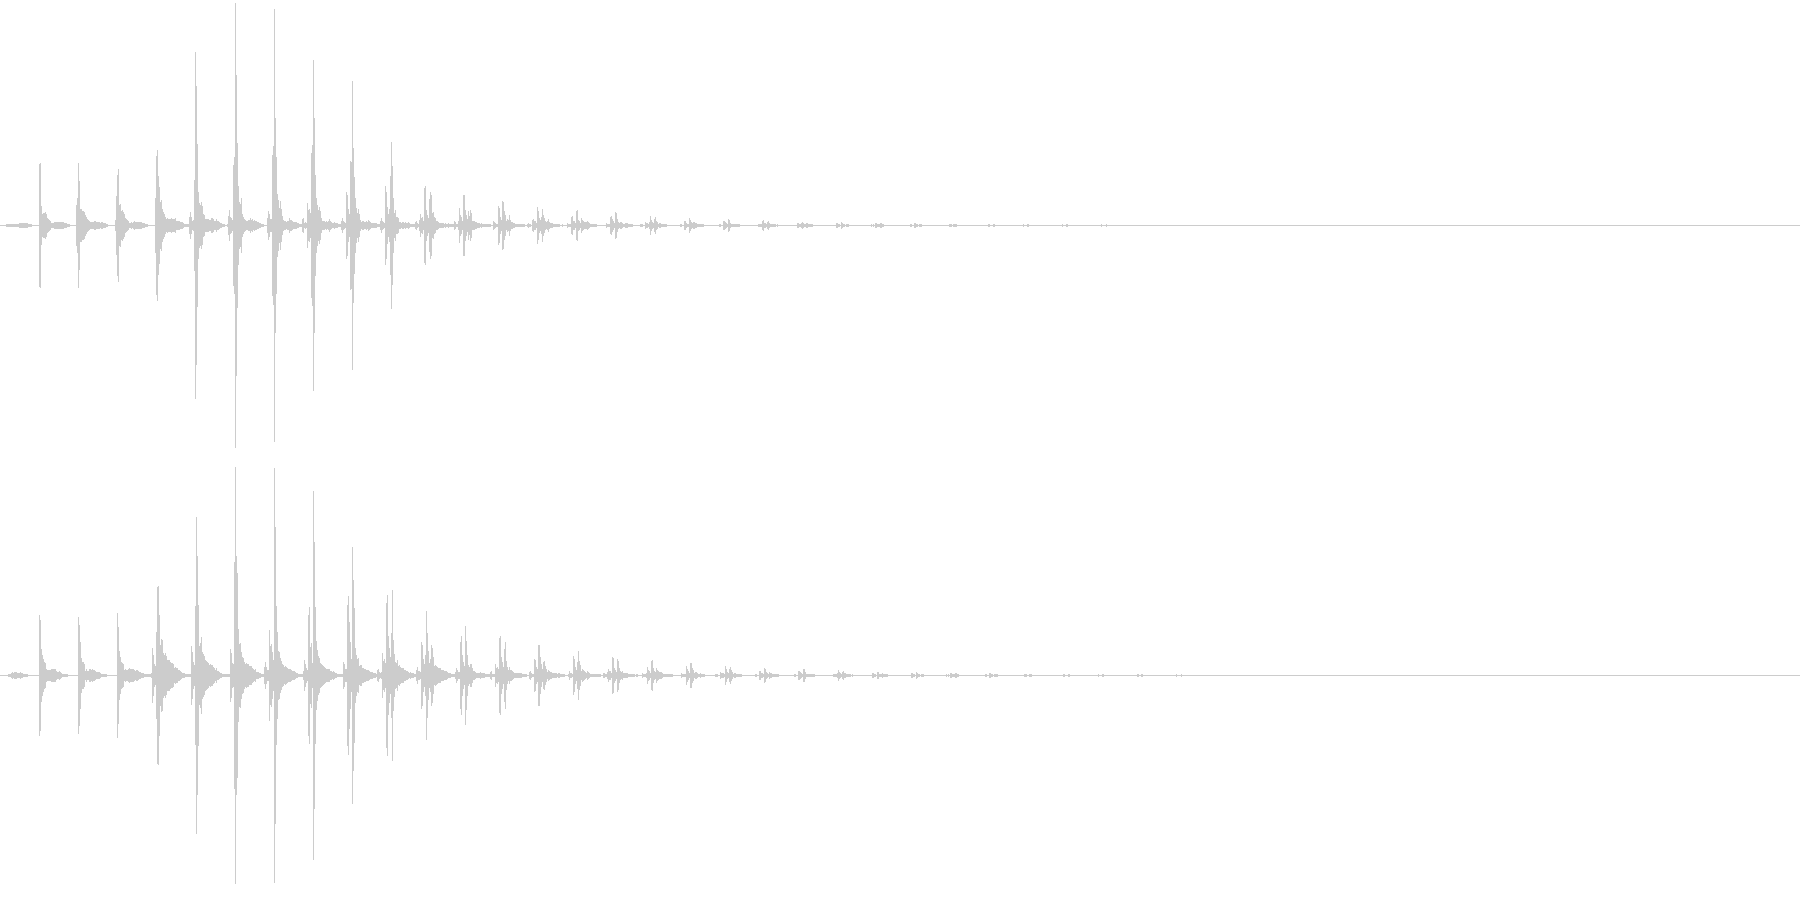 SF CinemaFX 未来の通信音の未再生の波形